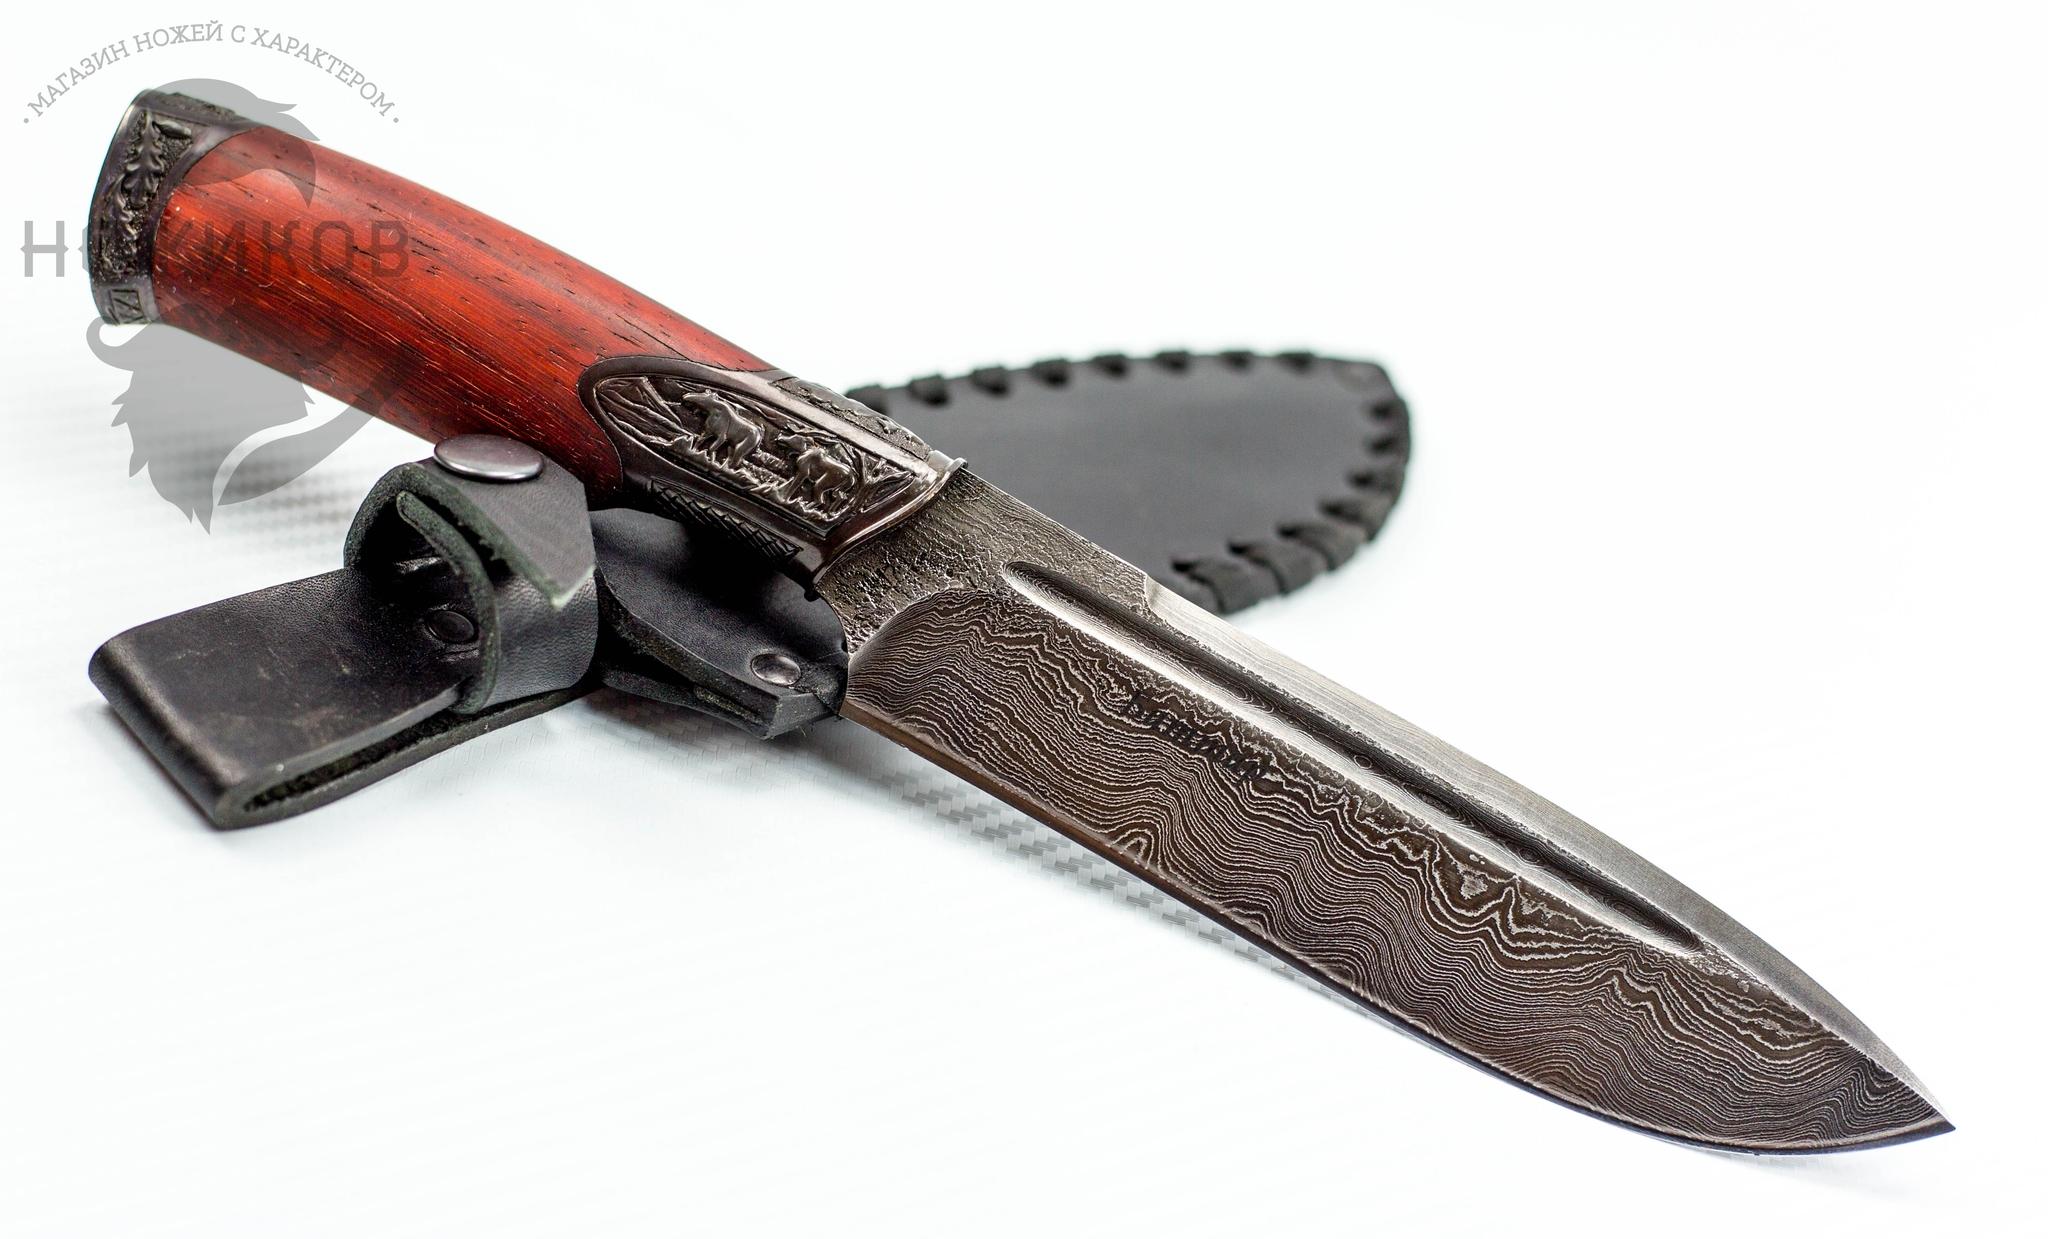 Авторский Нож из Дамаска №65, Кизляр авторский нож из дамаска 15 кизляр